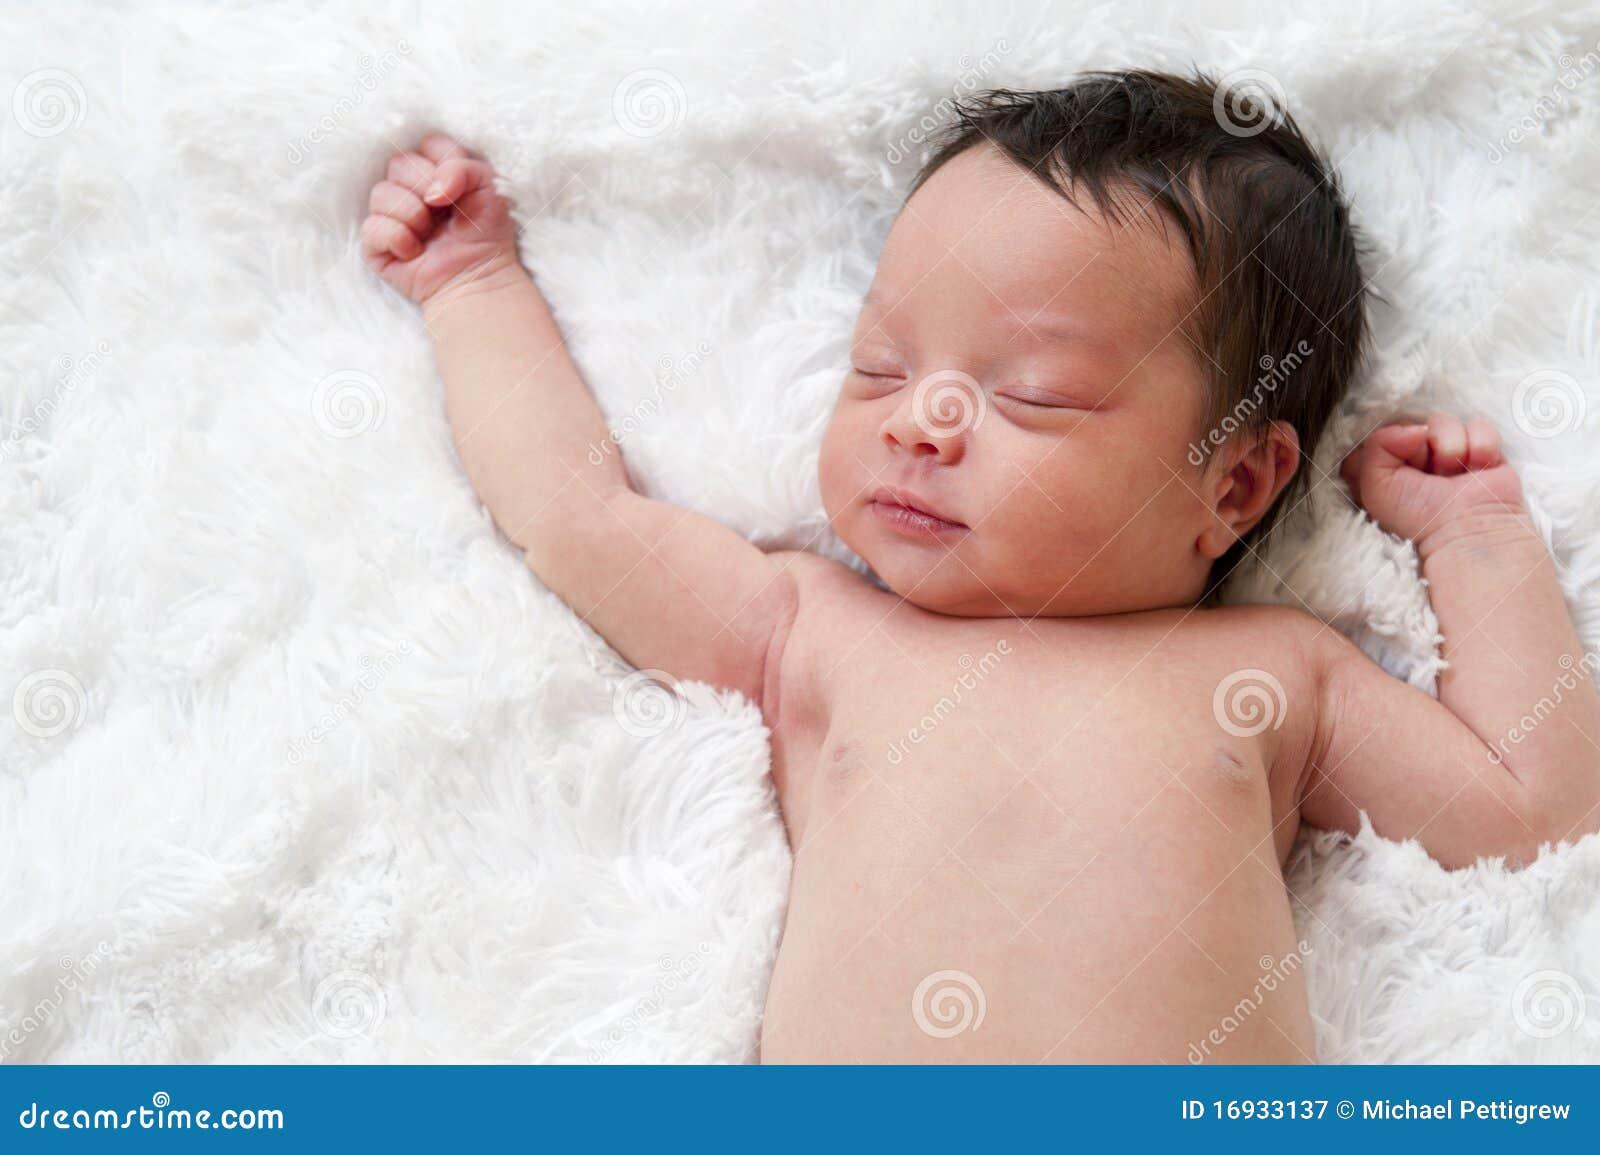 Pasgeboren in slaap baby